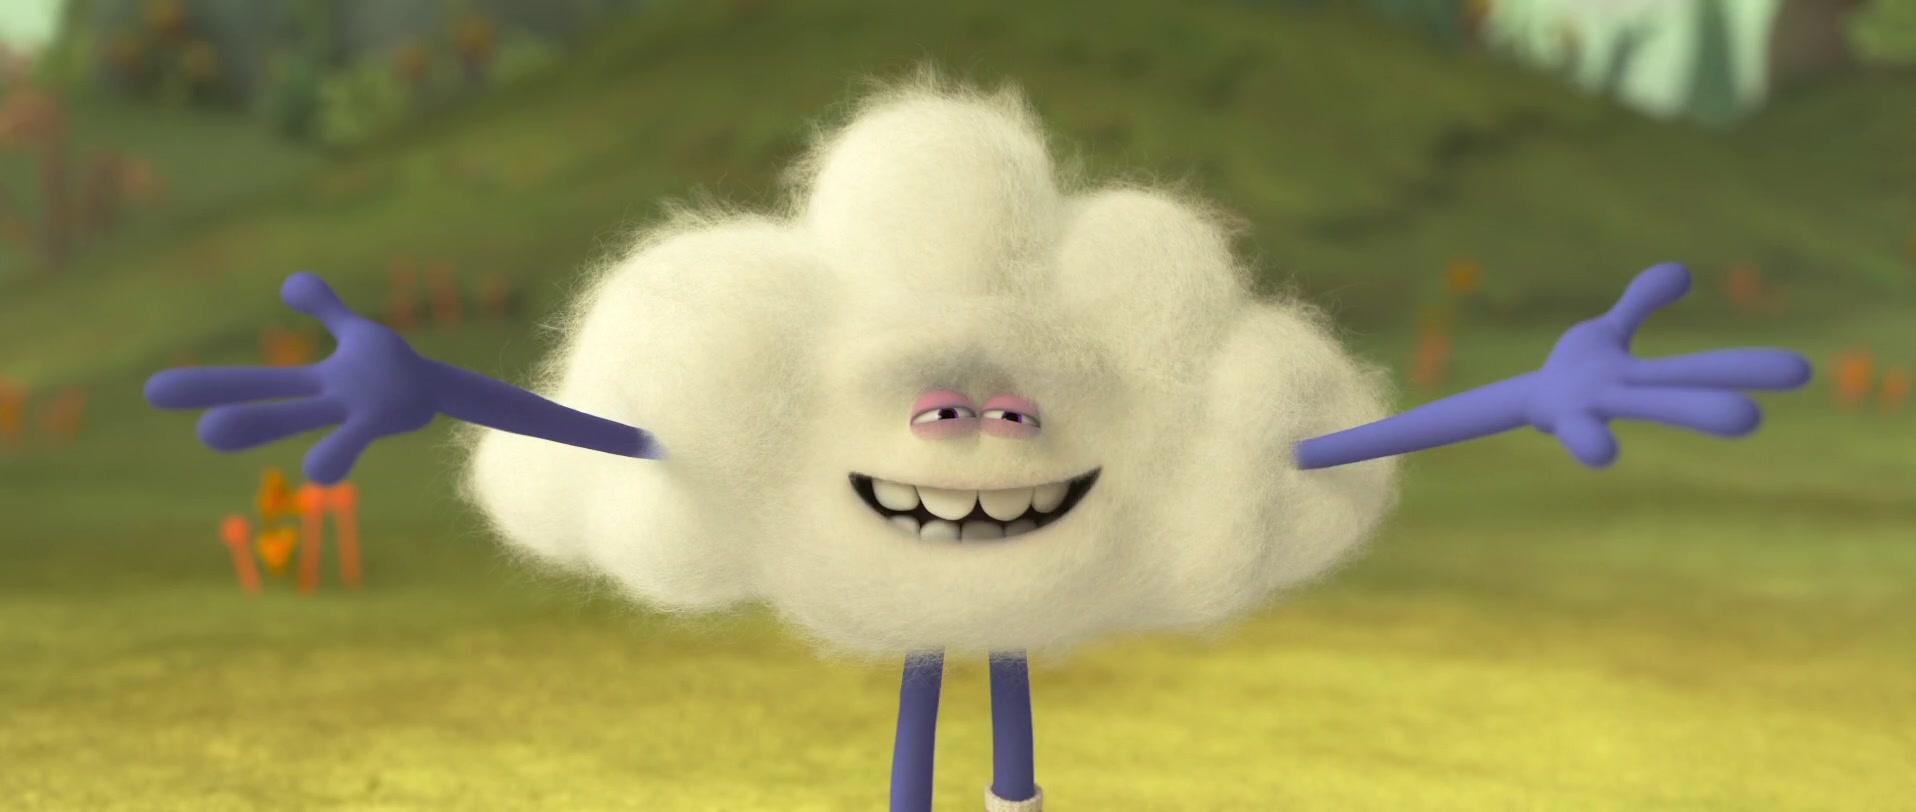 File:Cloud guy3.jpg